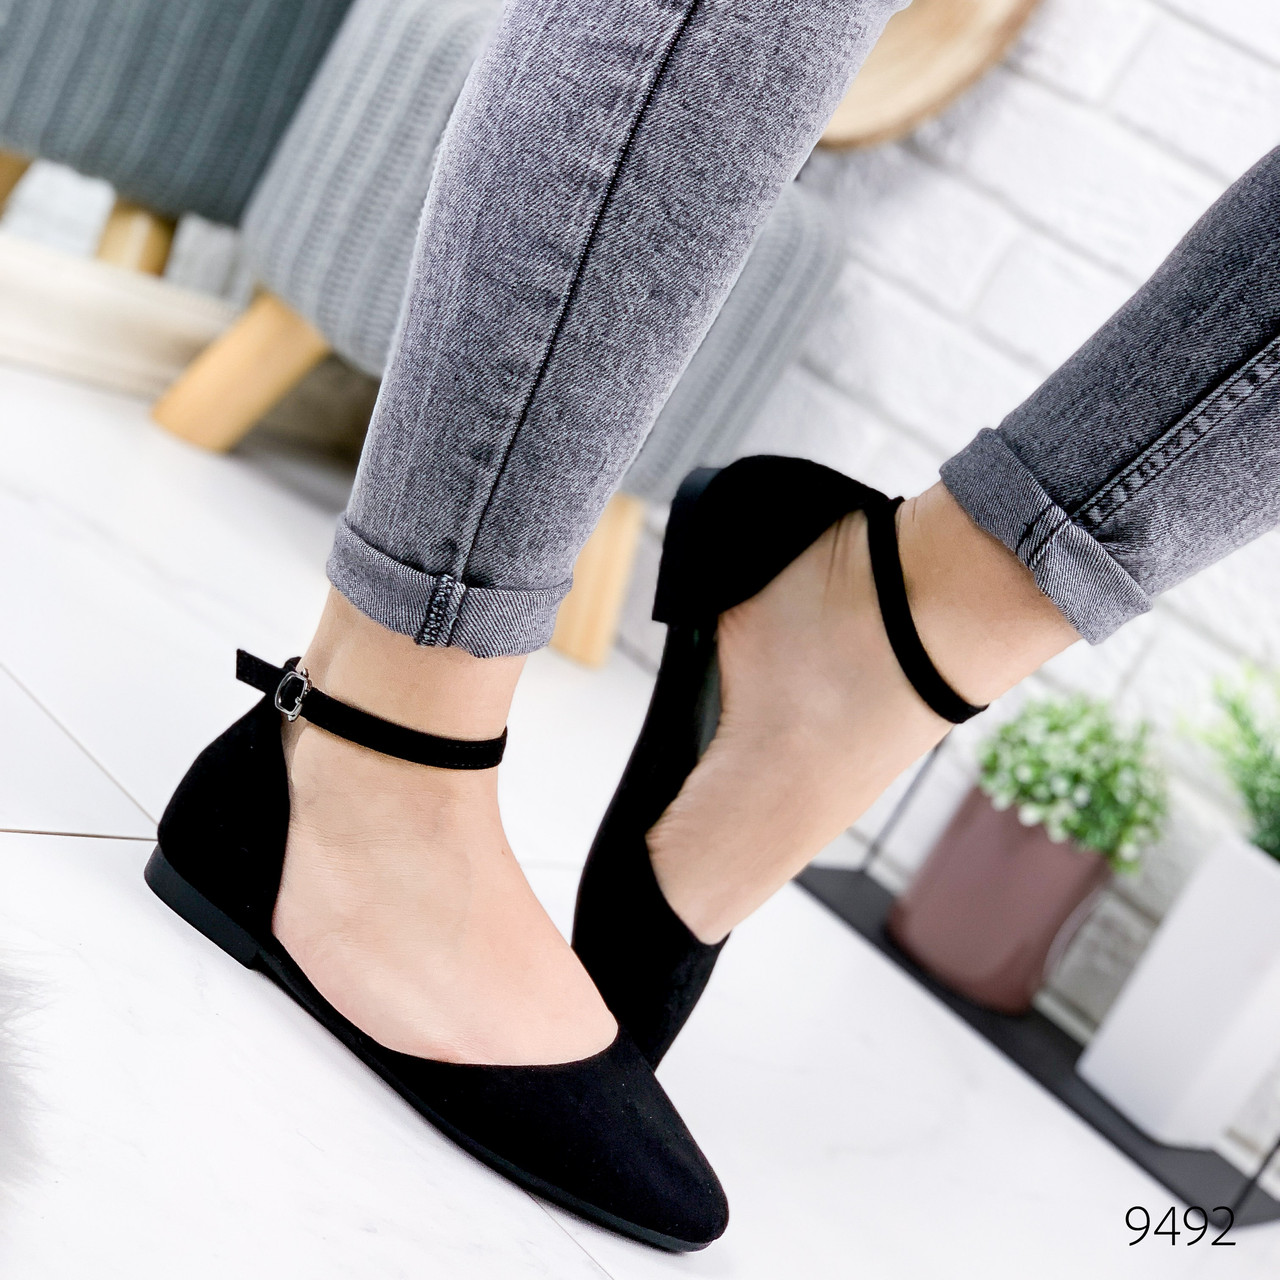 Туфли балетки женские Vella черные 9492